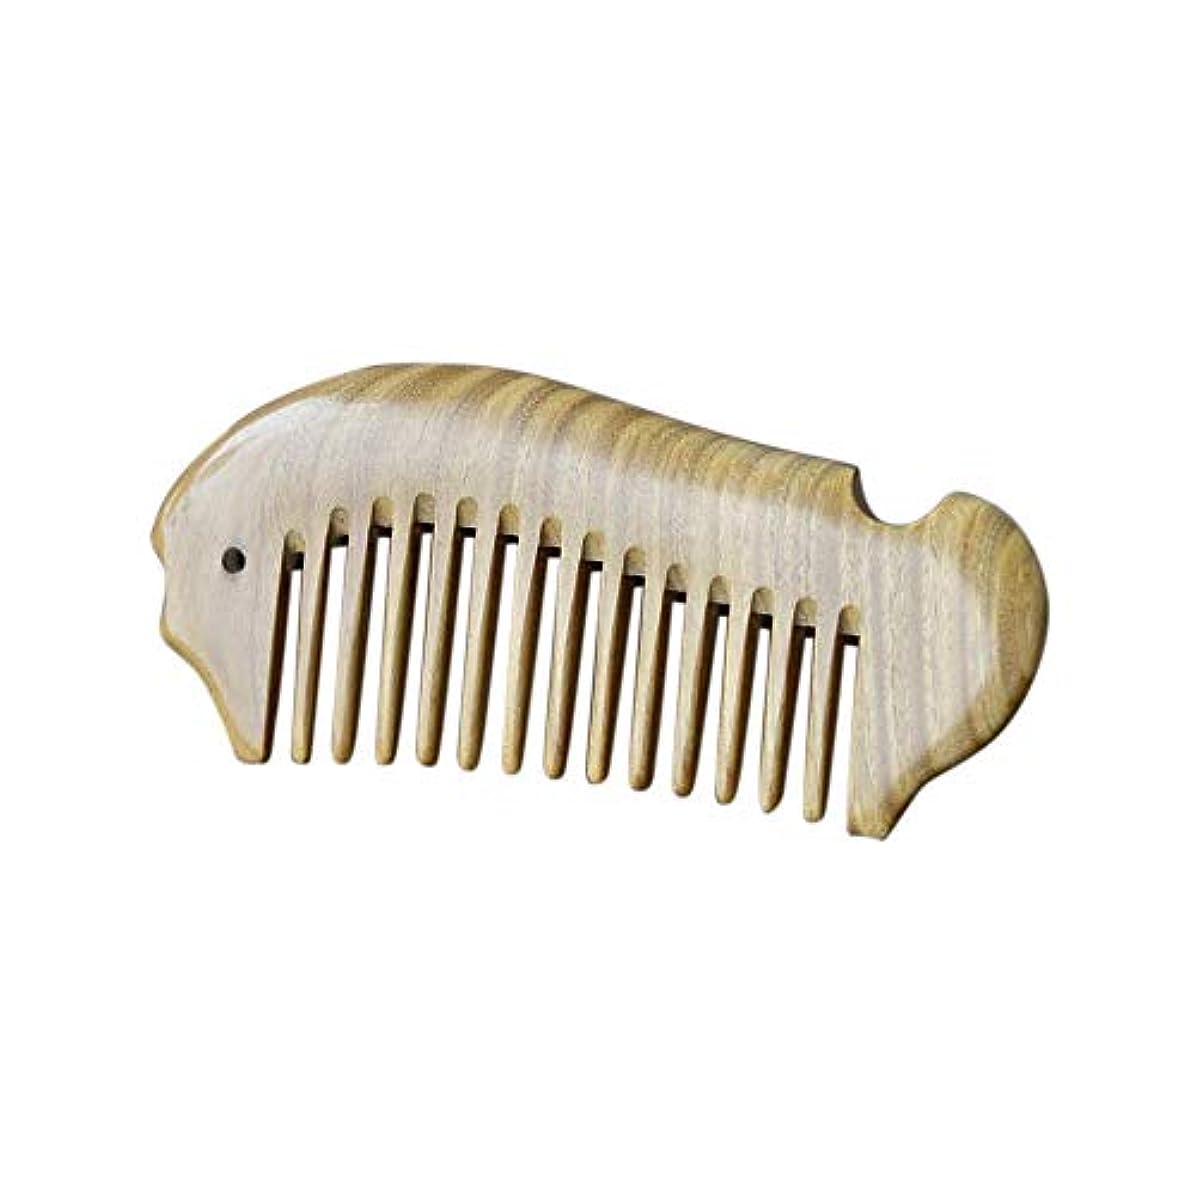 レイア冷蔵する歯科医新しい木製のくしグリーンサンダルウッドくし魚の形の手作り帯電防止ヘアブラシ ヘアケア (色 : Wide tooth)